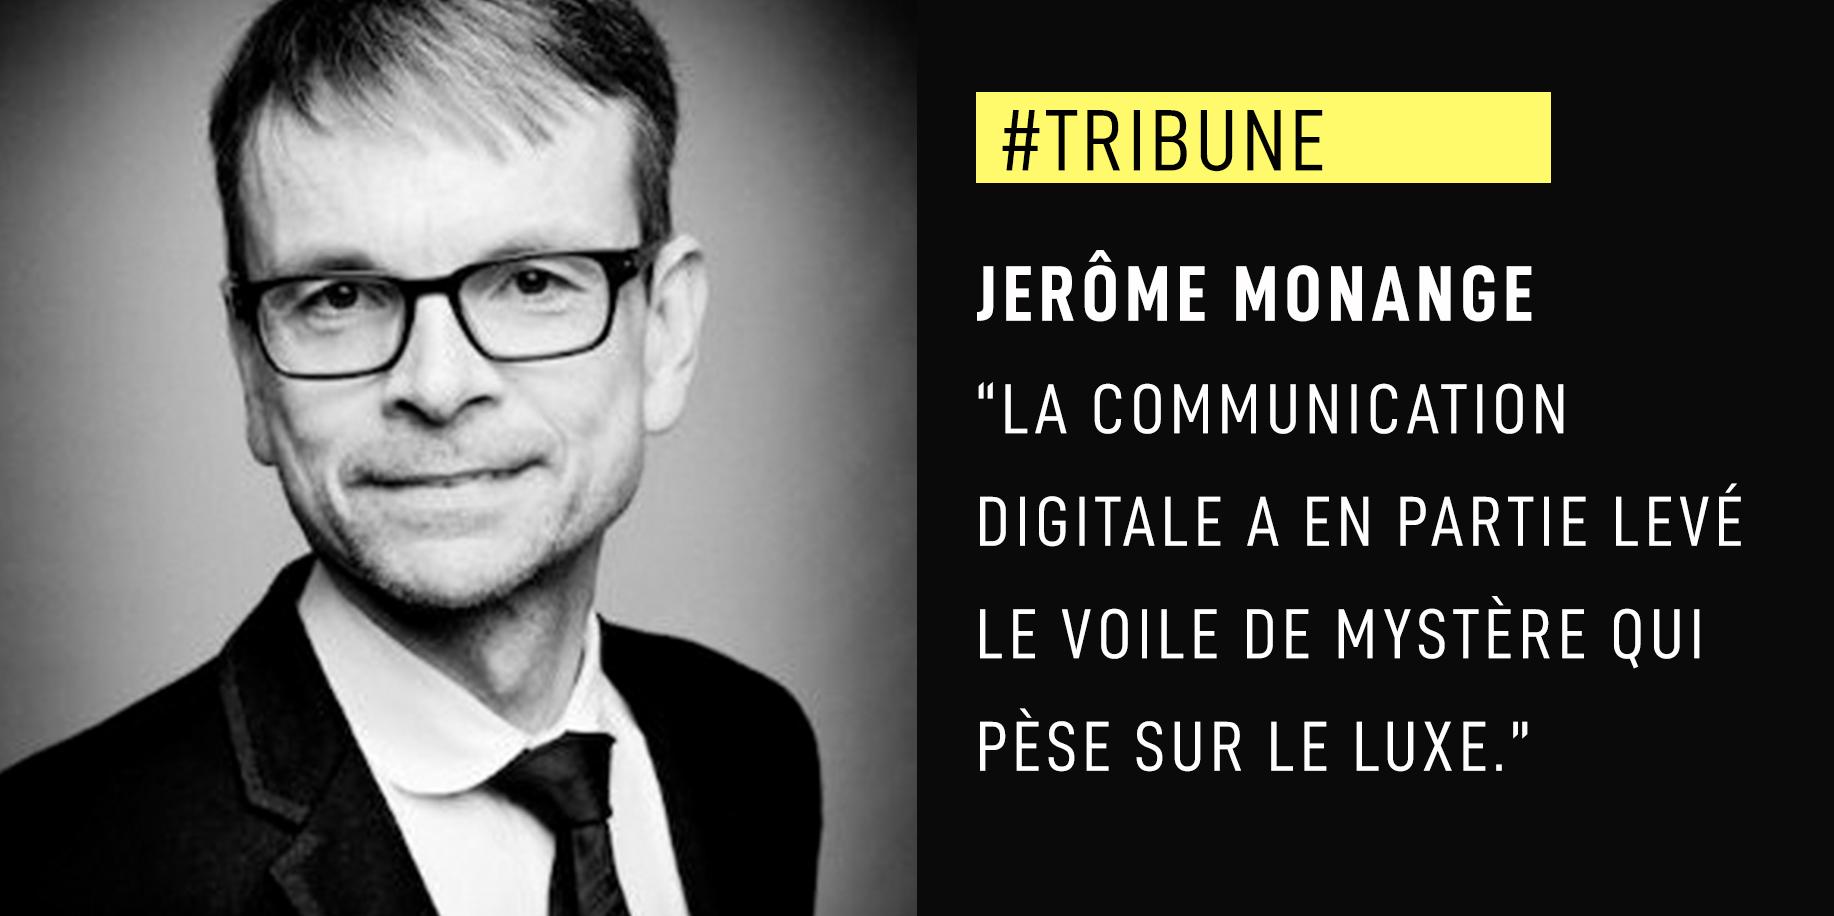 """Jerôme Monange : """"La communication digitale a en partie levé le voile de mystère qui pèse sur le luxe."""""""